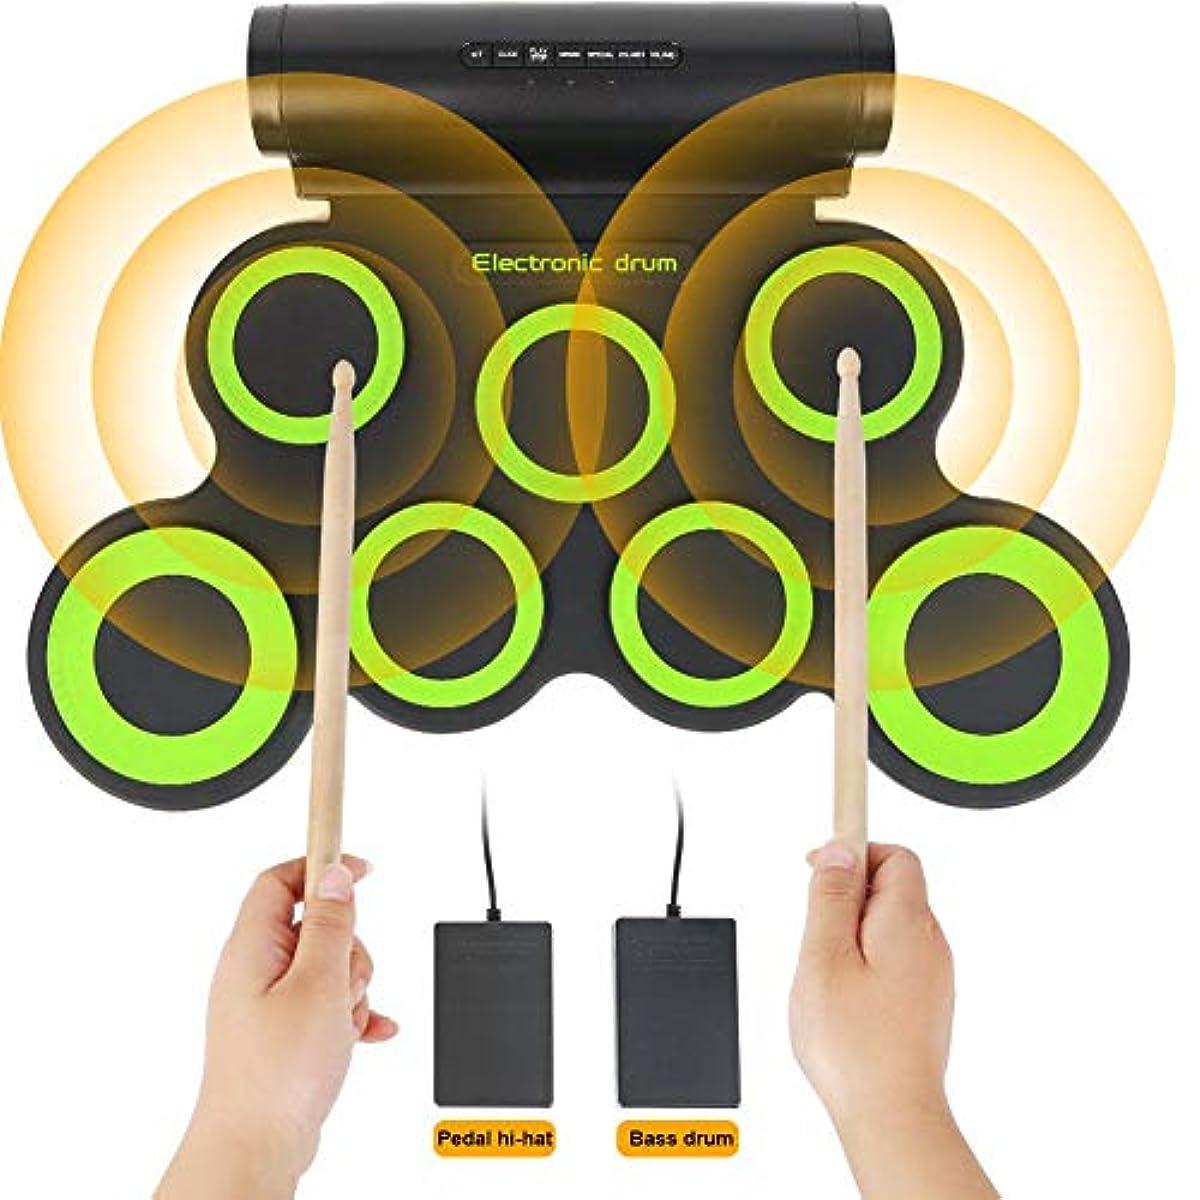 [해외] 전자 드럼 세트,아이,소년,소녀,유아,포터블 롤업7연습 패드,스틱과 페달 부착 전동 드럼 키트를 위한 교육 초기 개발 장난감